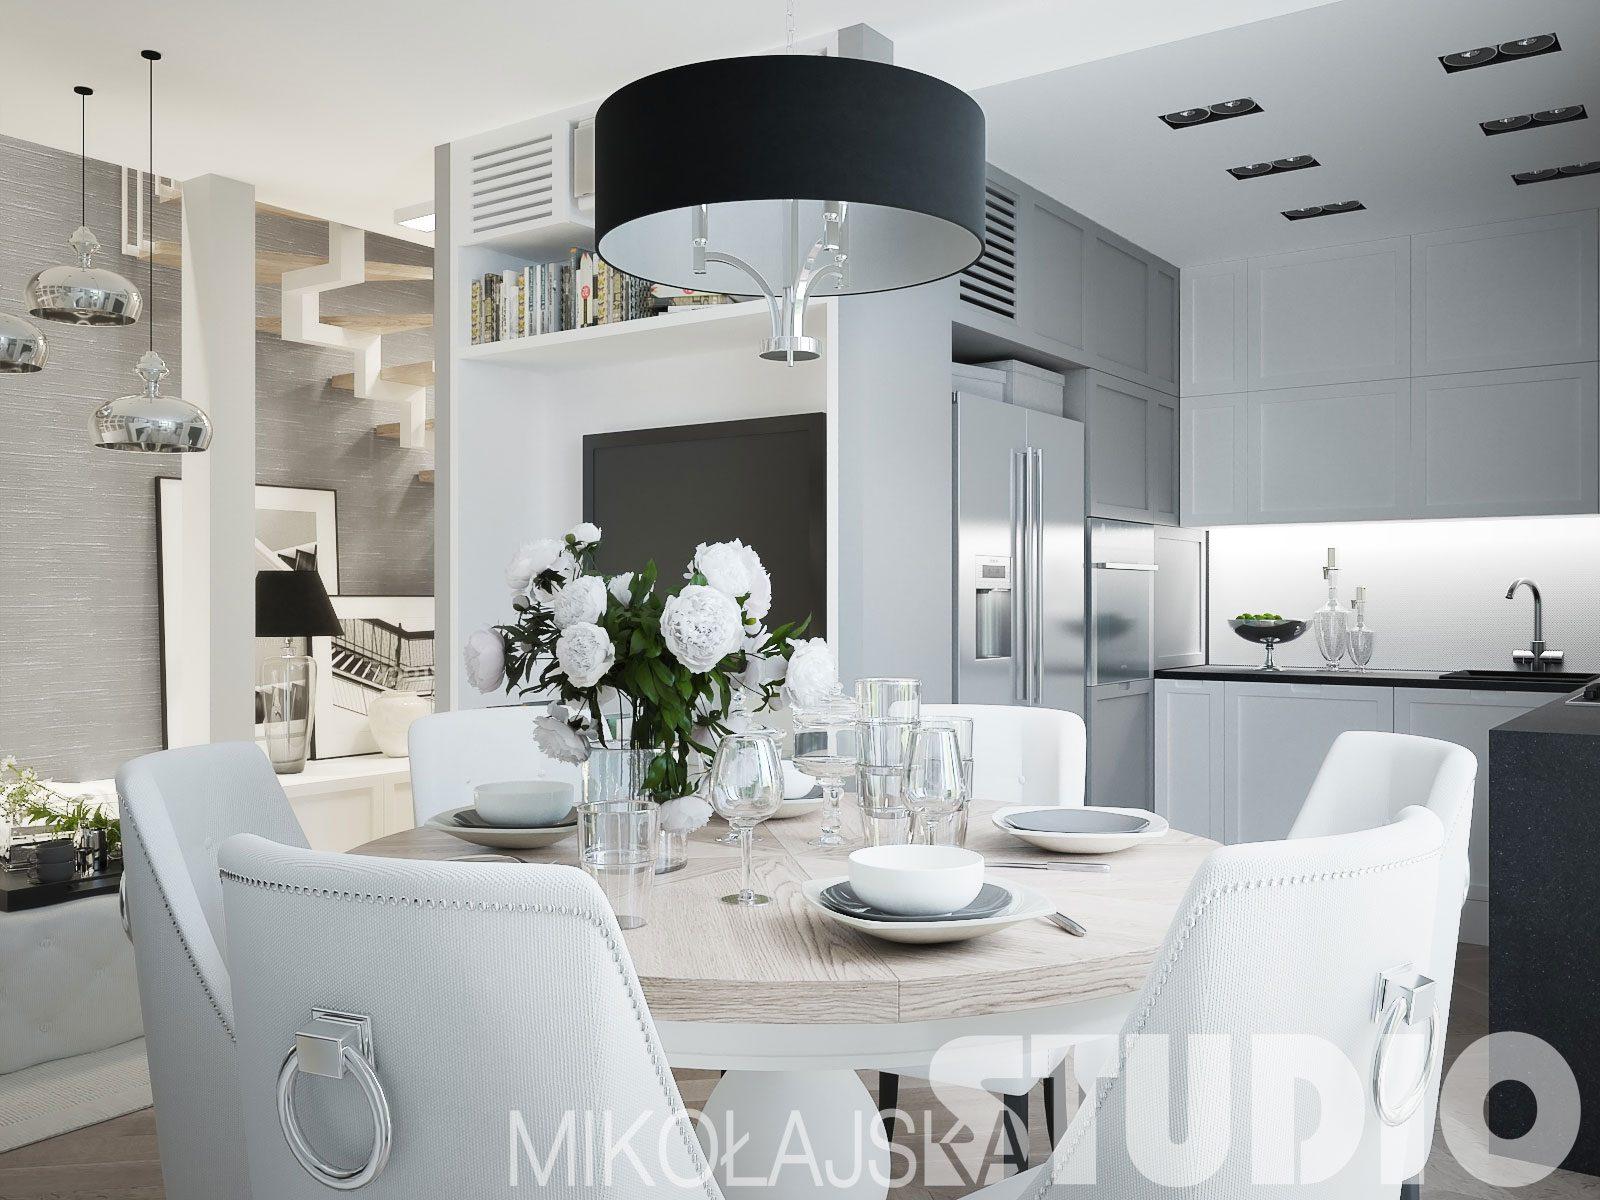 Jak Urządzić Kuchnię Glamour M Mieszkanie